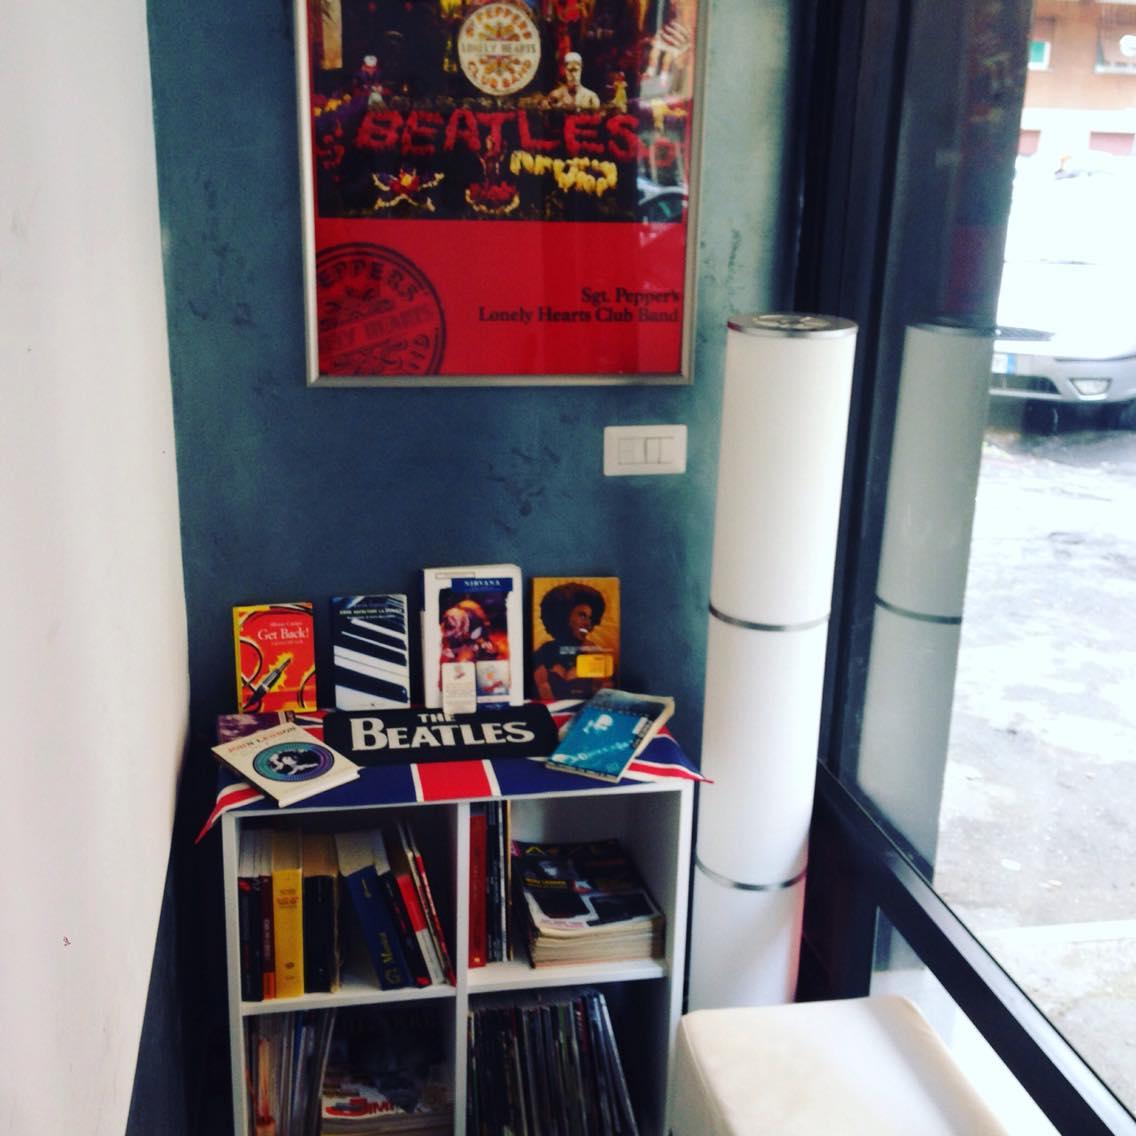 MC Guitar studio buone letture mentre si aspetta